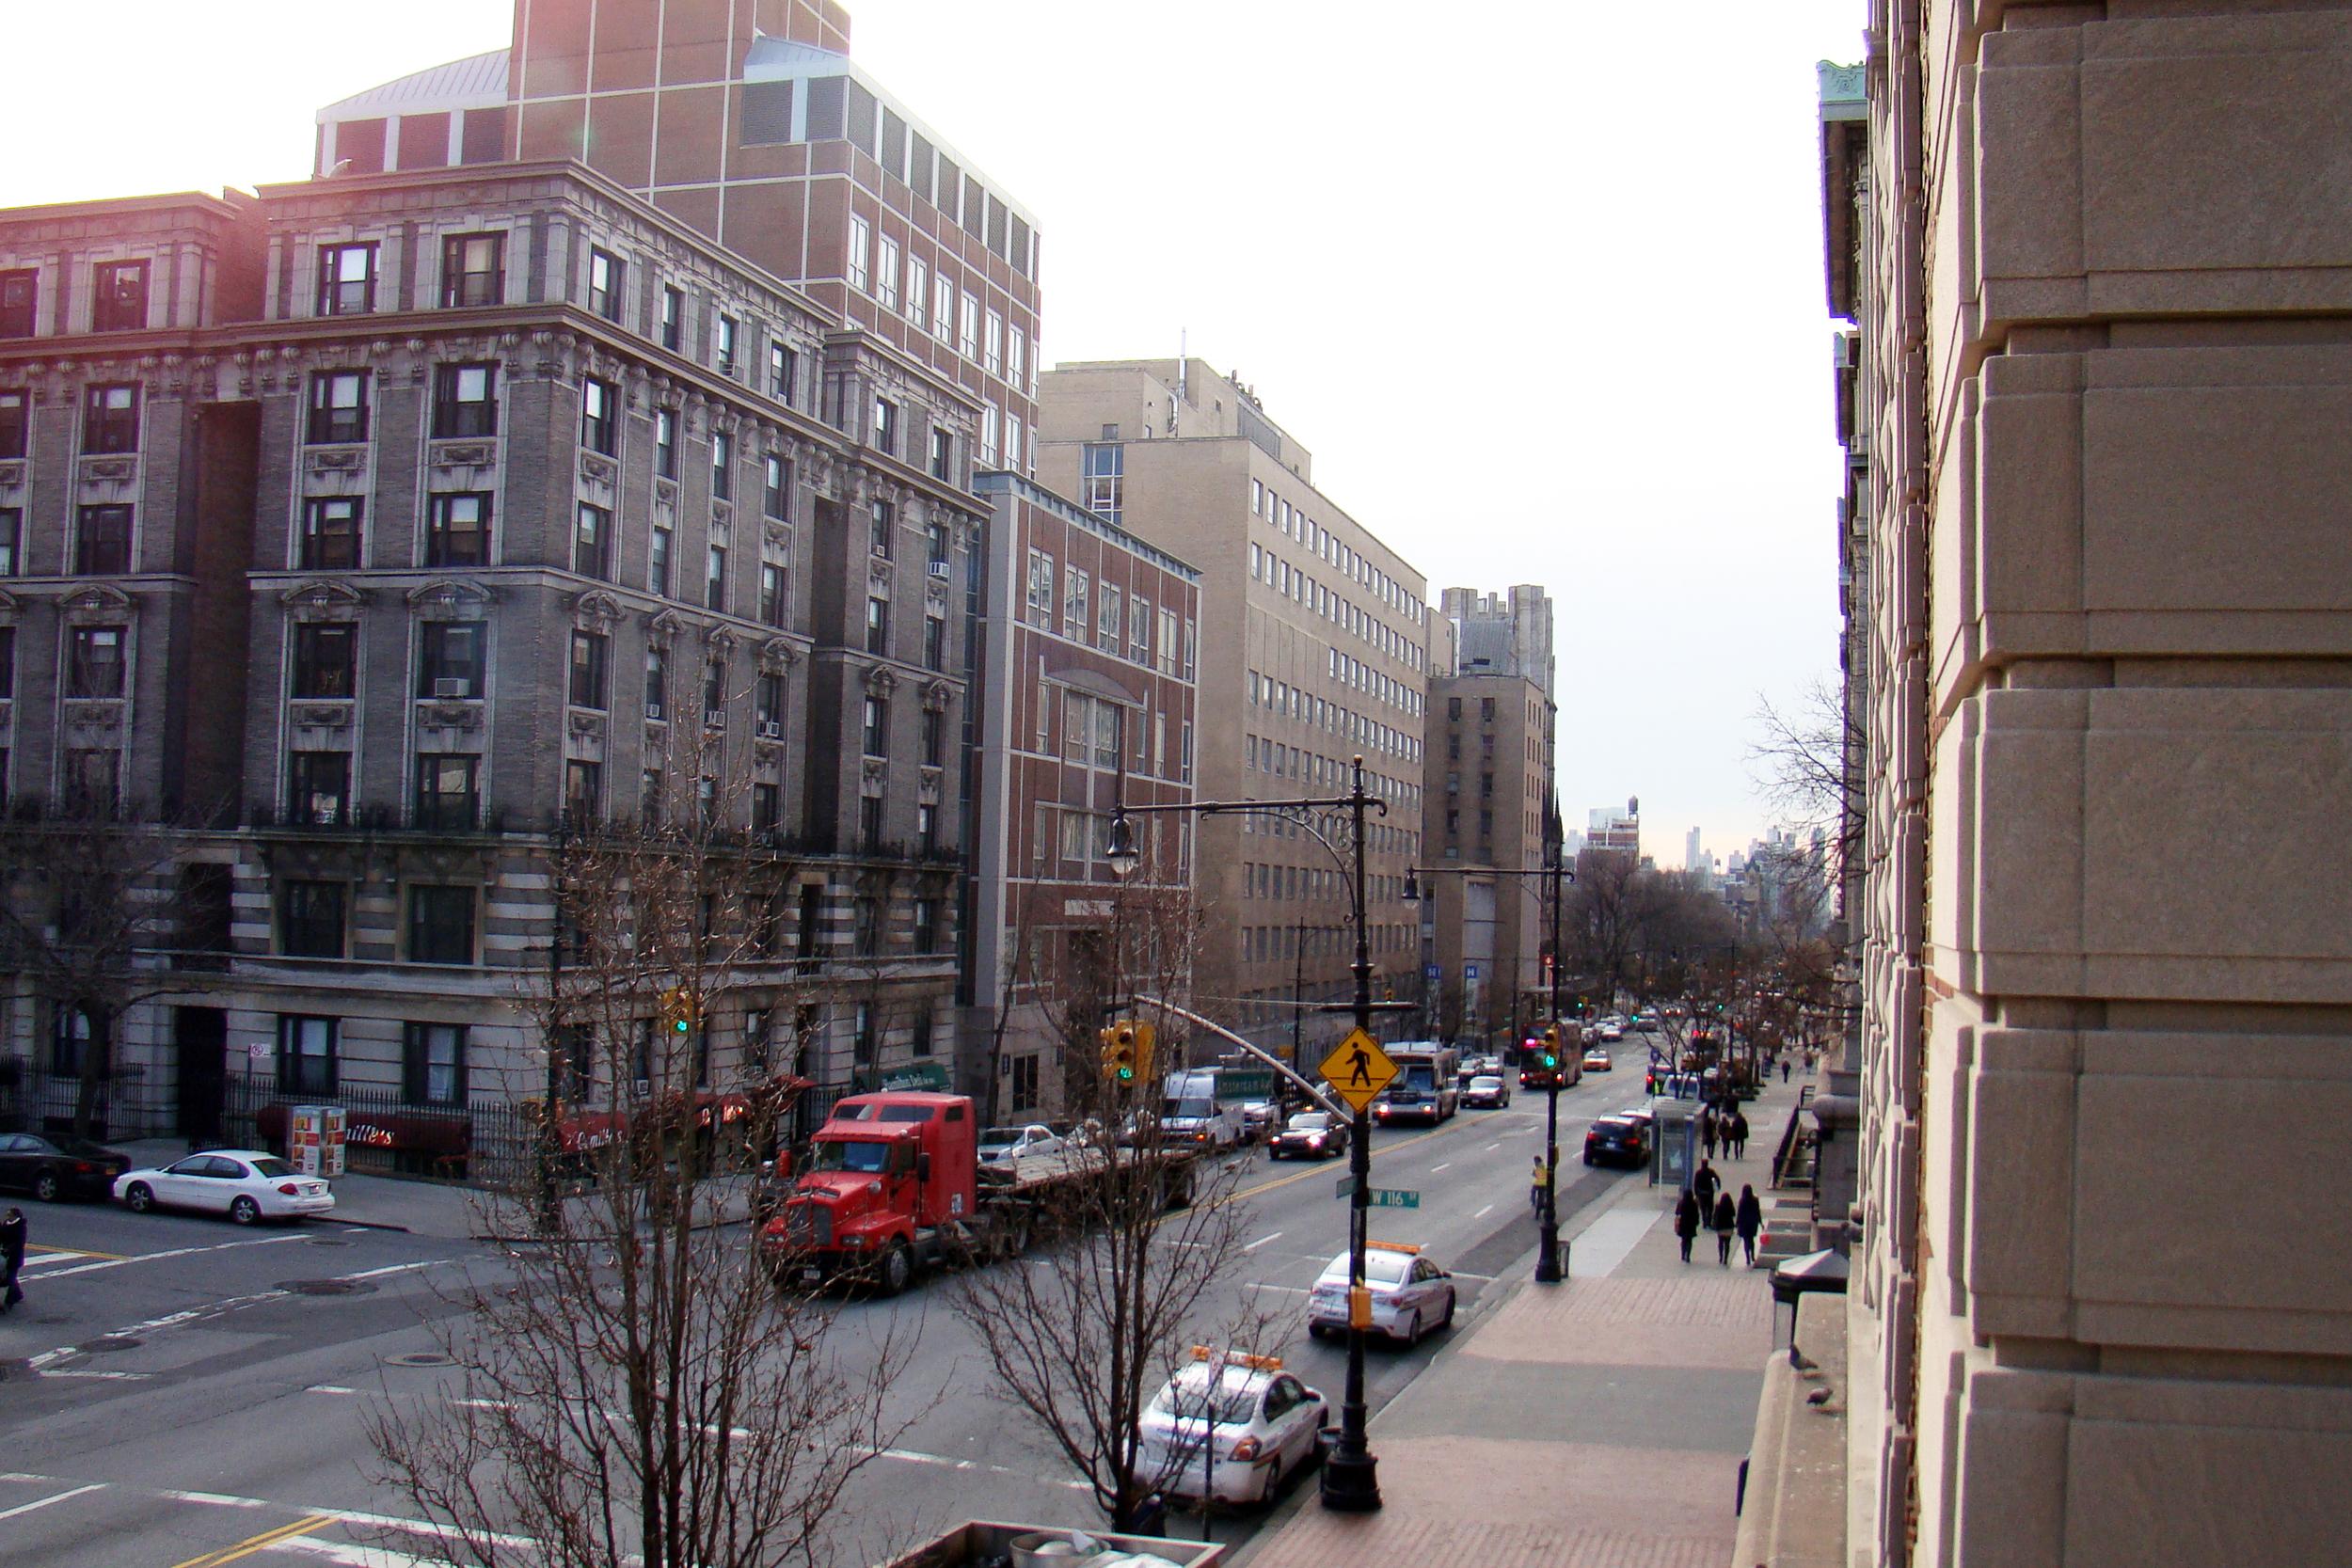 NYC-skyline copy.jpg